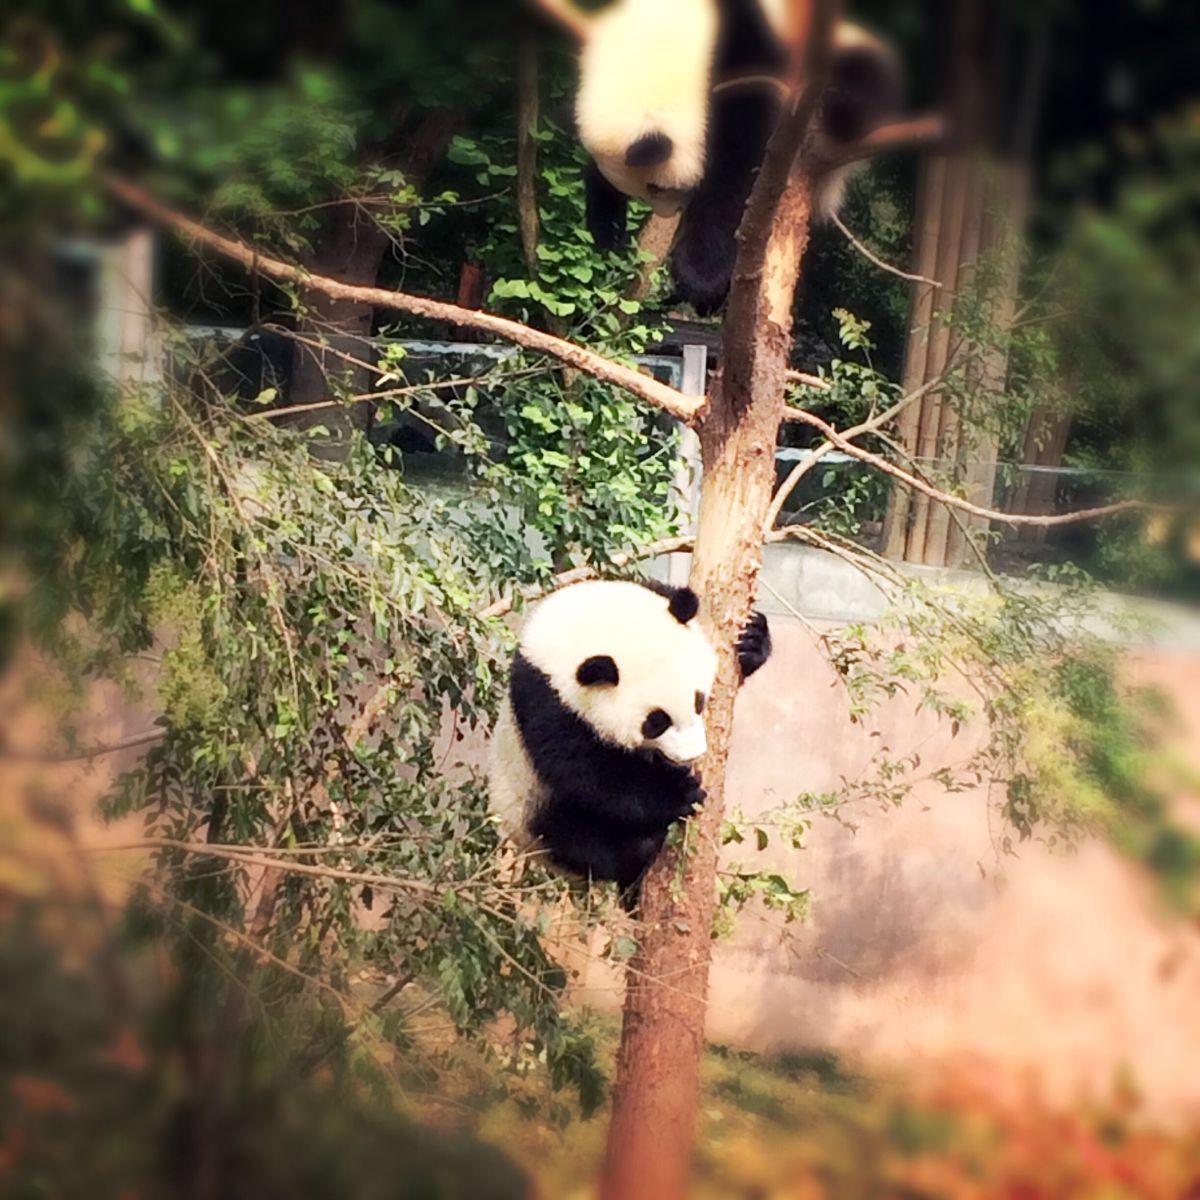 壁纸 大熊猫 动物 1200_1200